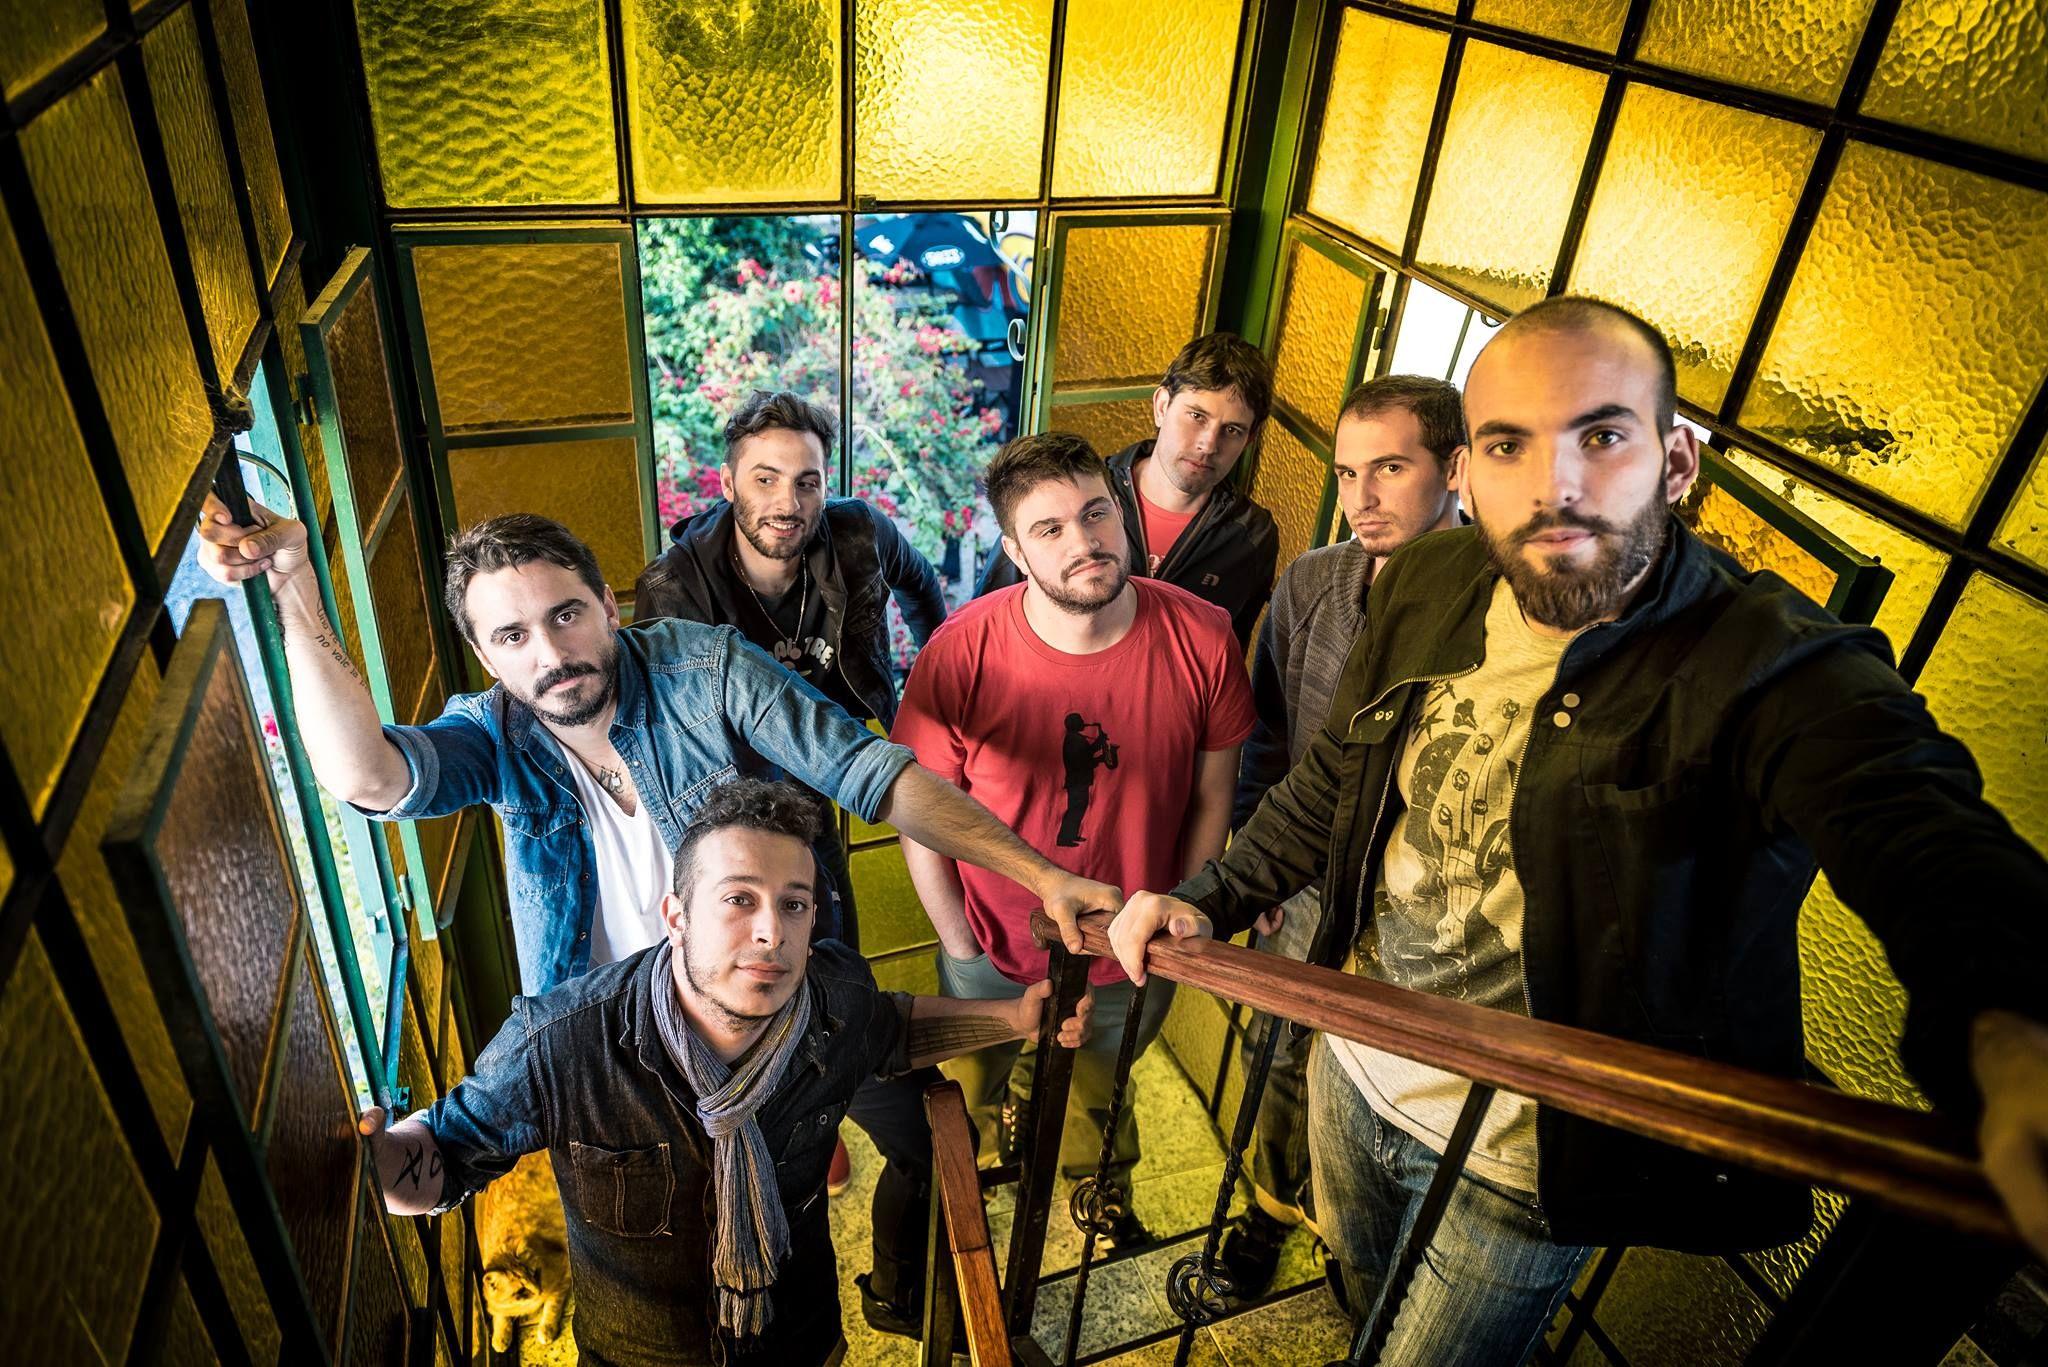 La banda suspendió un show previsto para este sábado